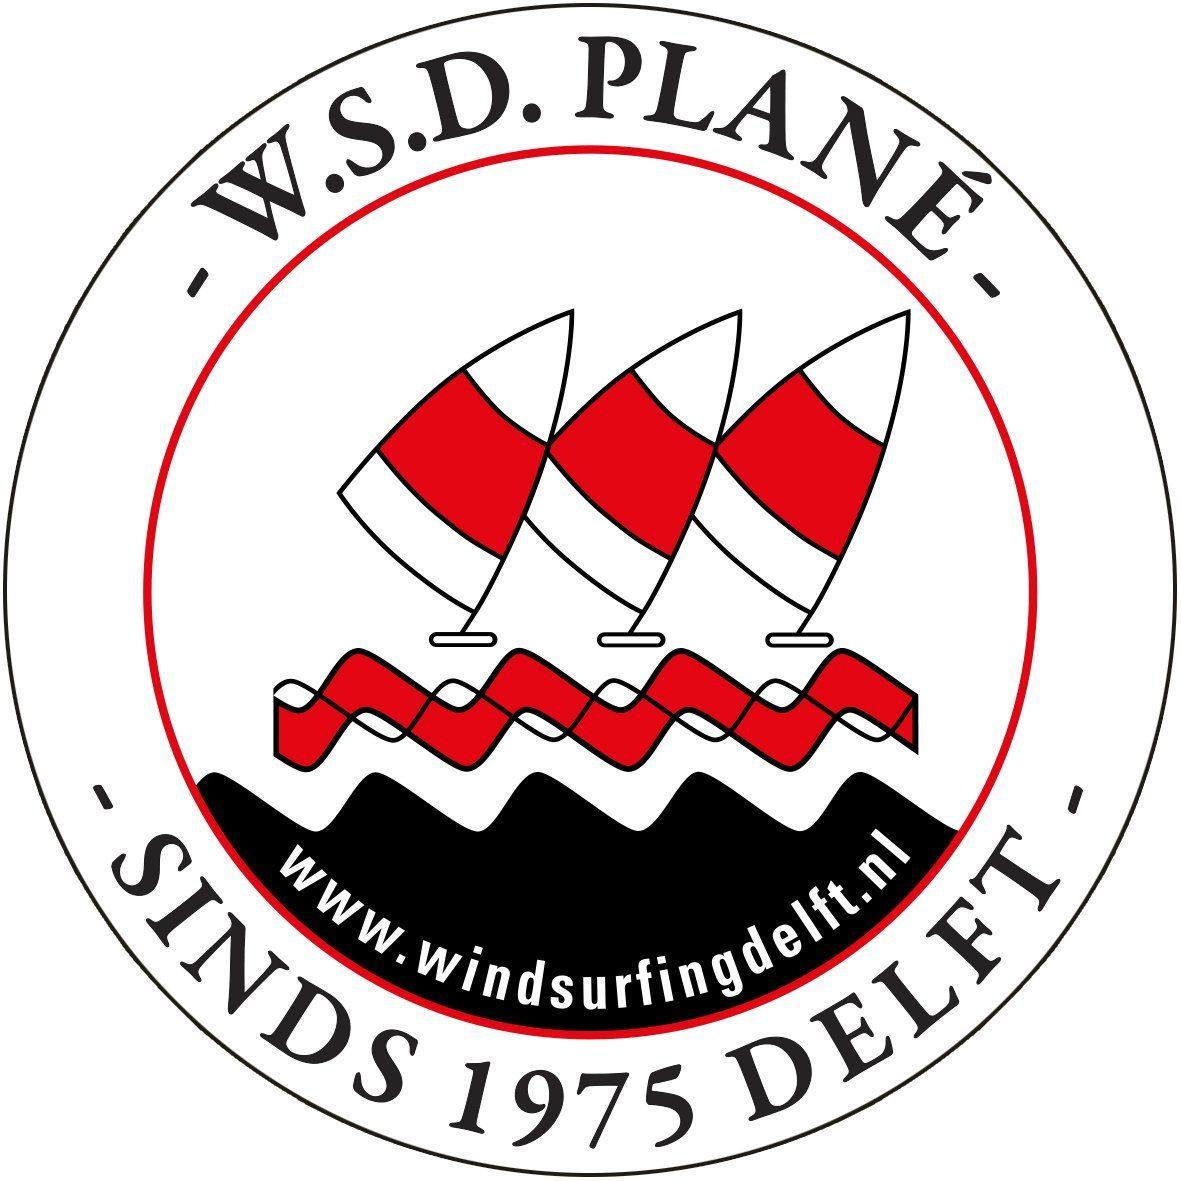 W.S.D. Plané